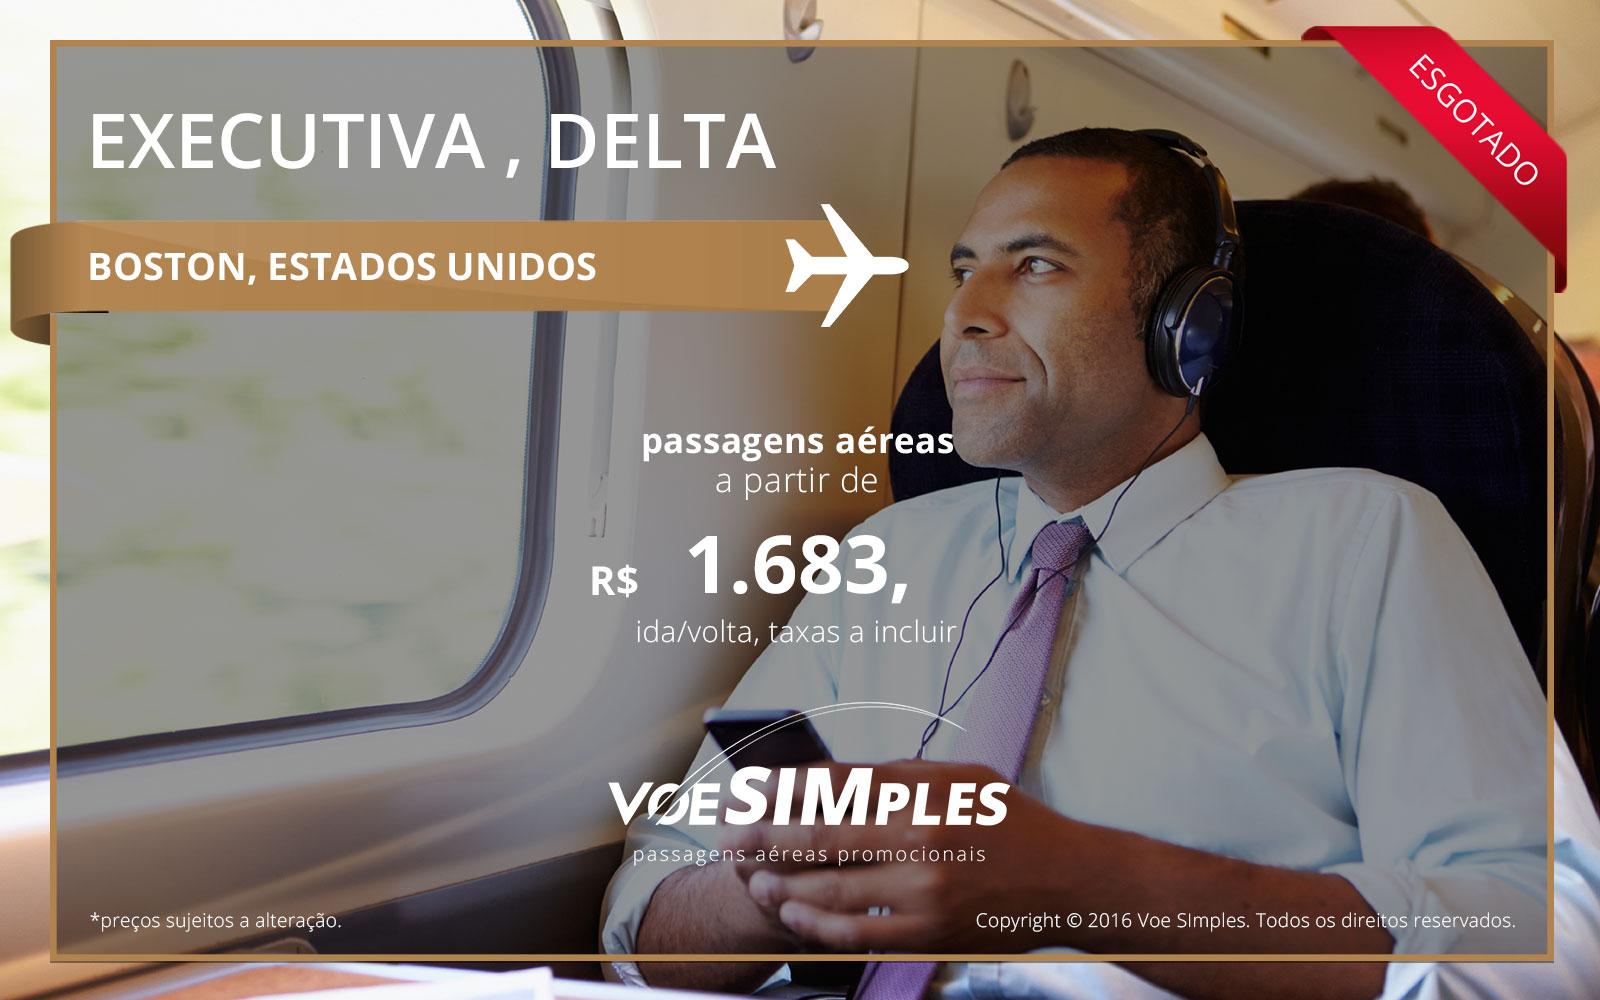 Passagem aérea Classe Executiva Delta Airlines para Boston